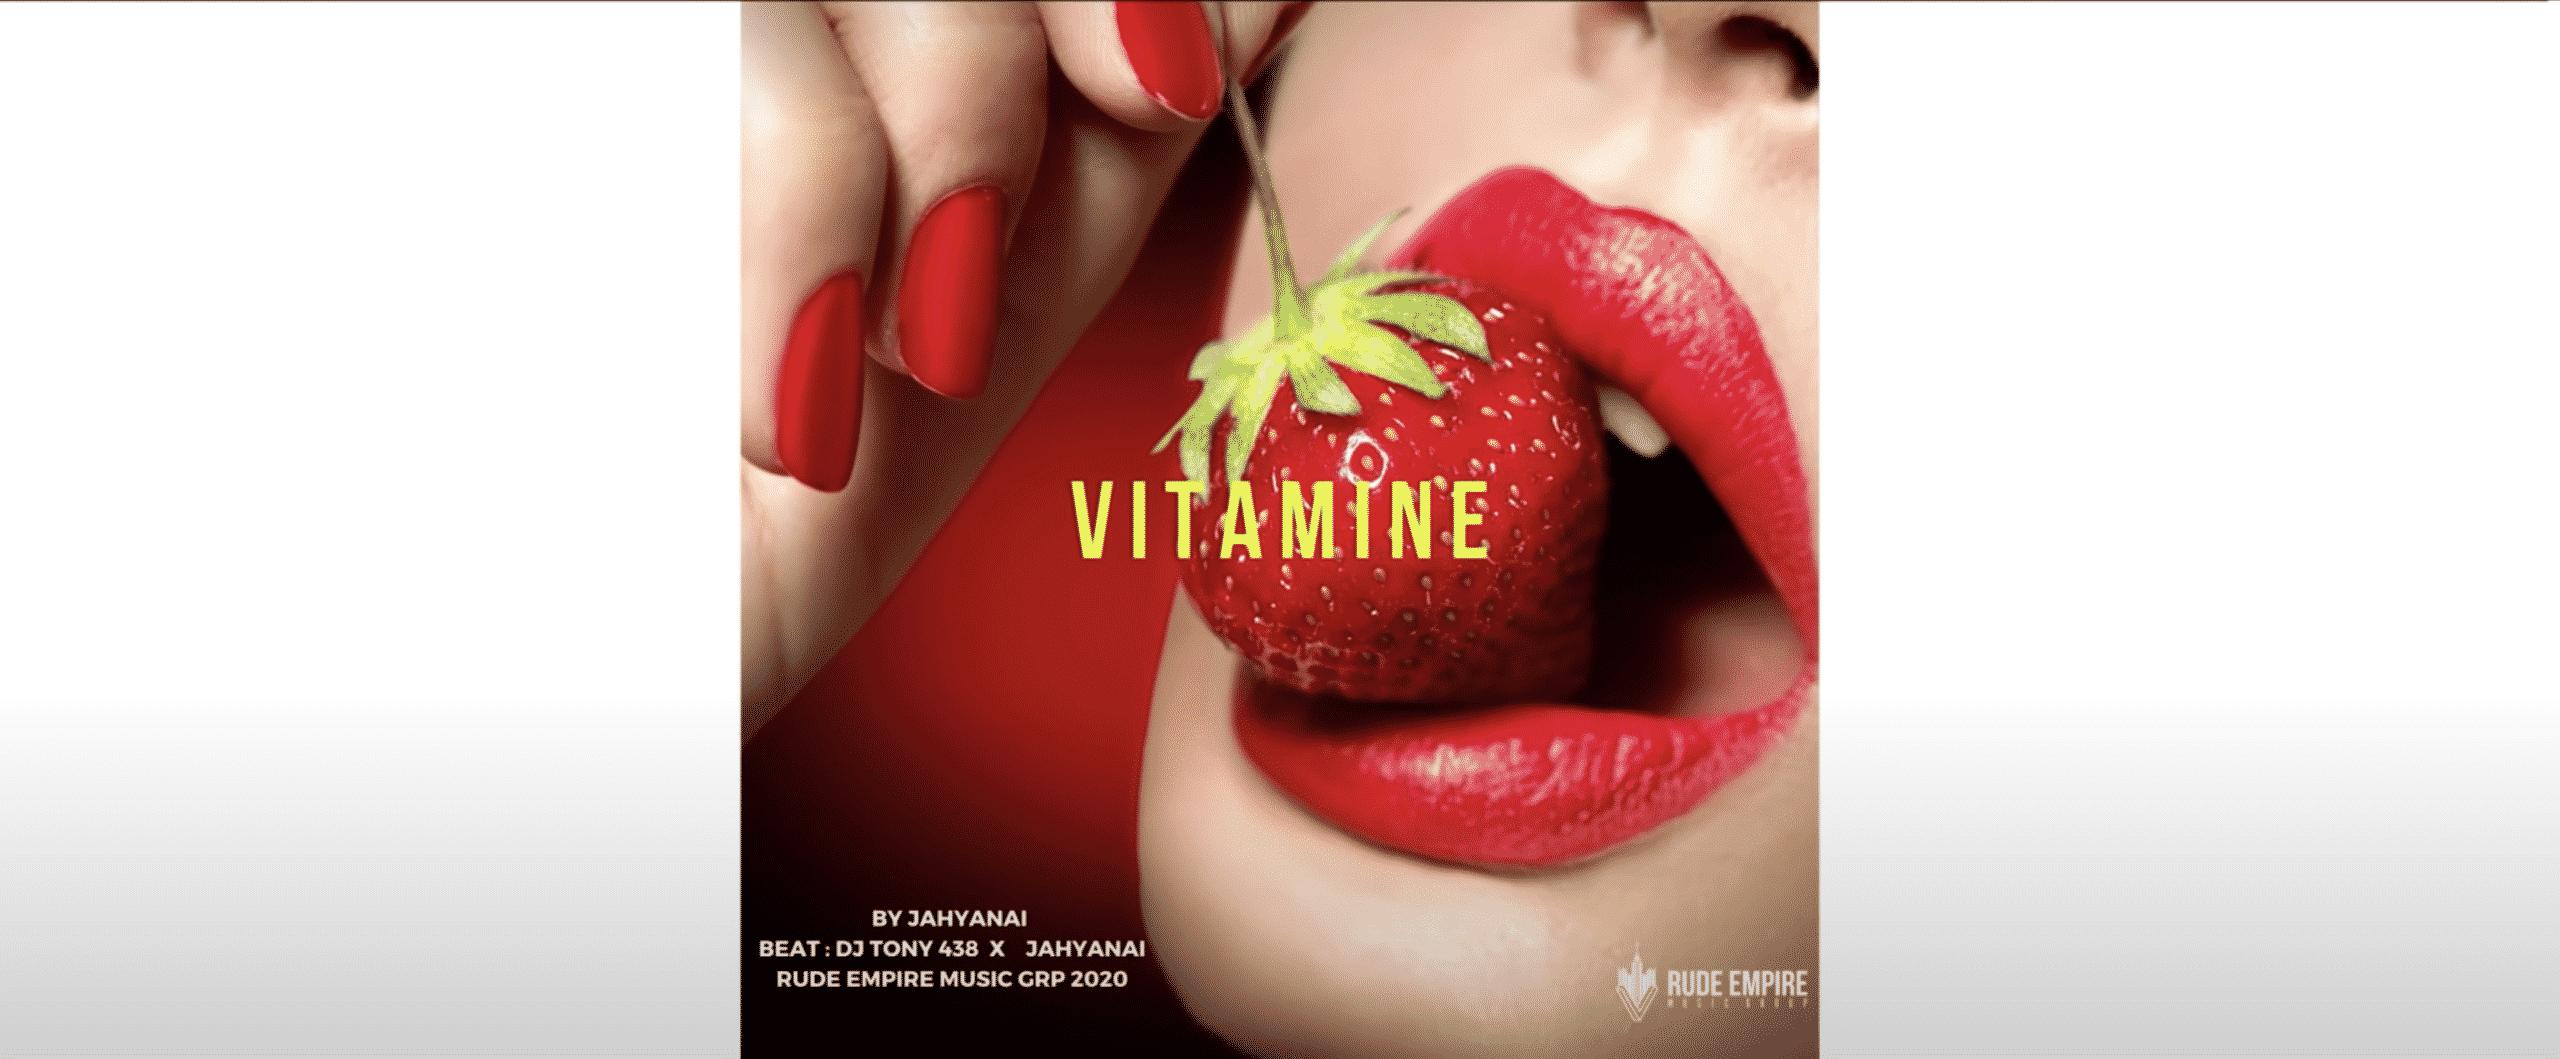 KISAILE #12 : DJTony438, Le Réunionnaisà la production du titre Vitamine de Jahyanai!